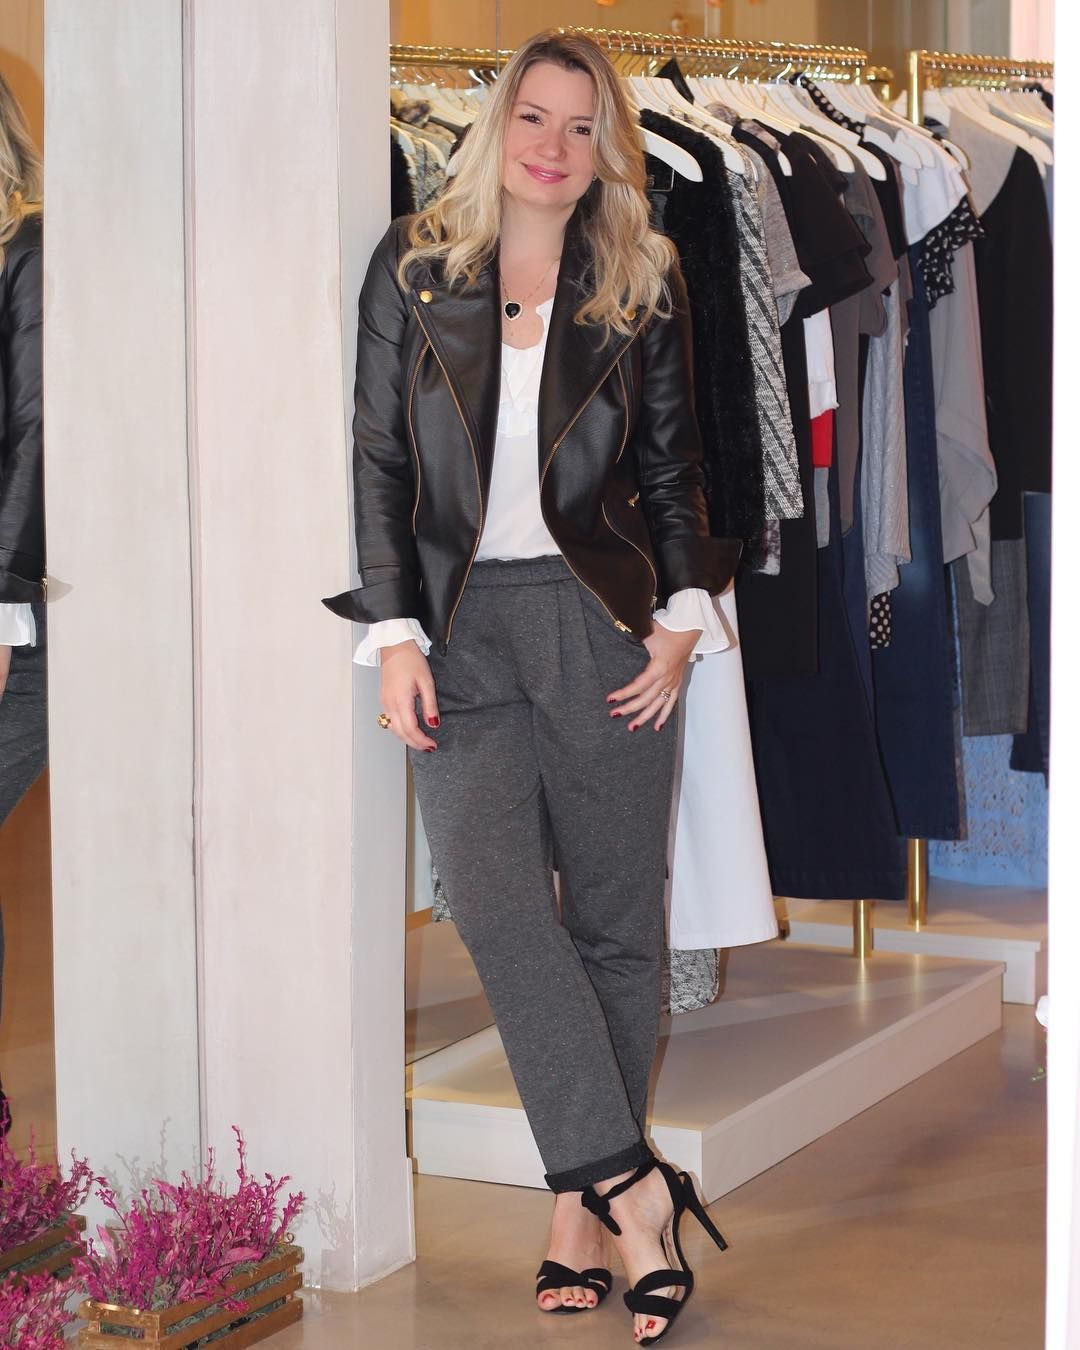 6f9214b3b Já imaginou um look tão chic com uma calça de moletom cinza? Aposte na  jaqueta